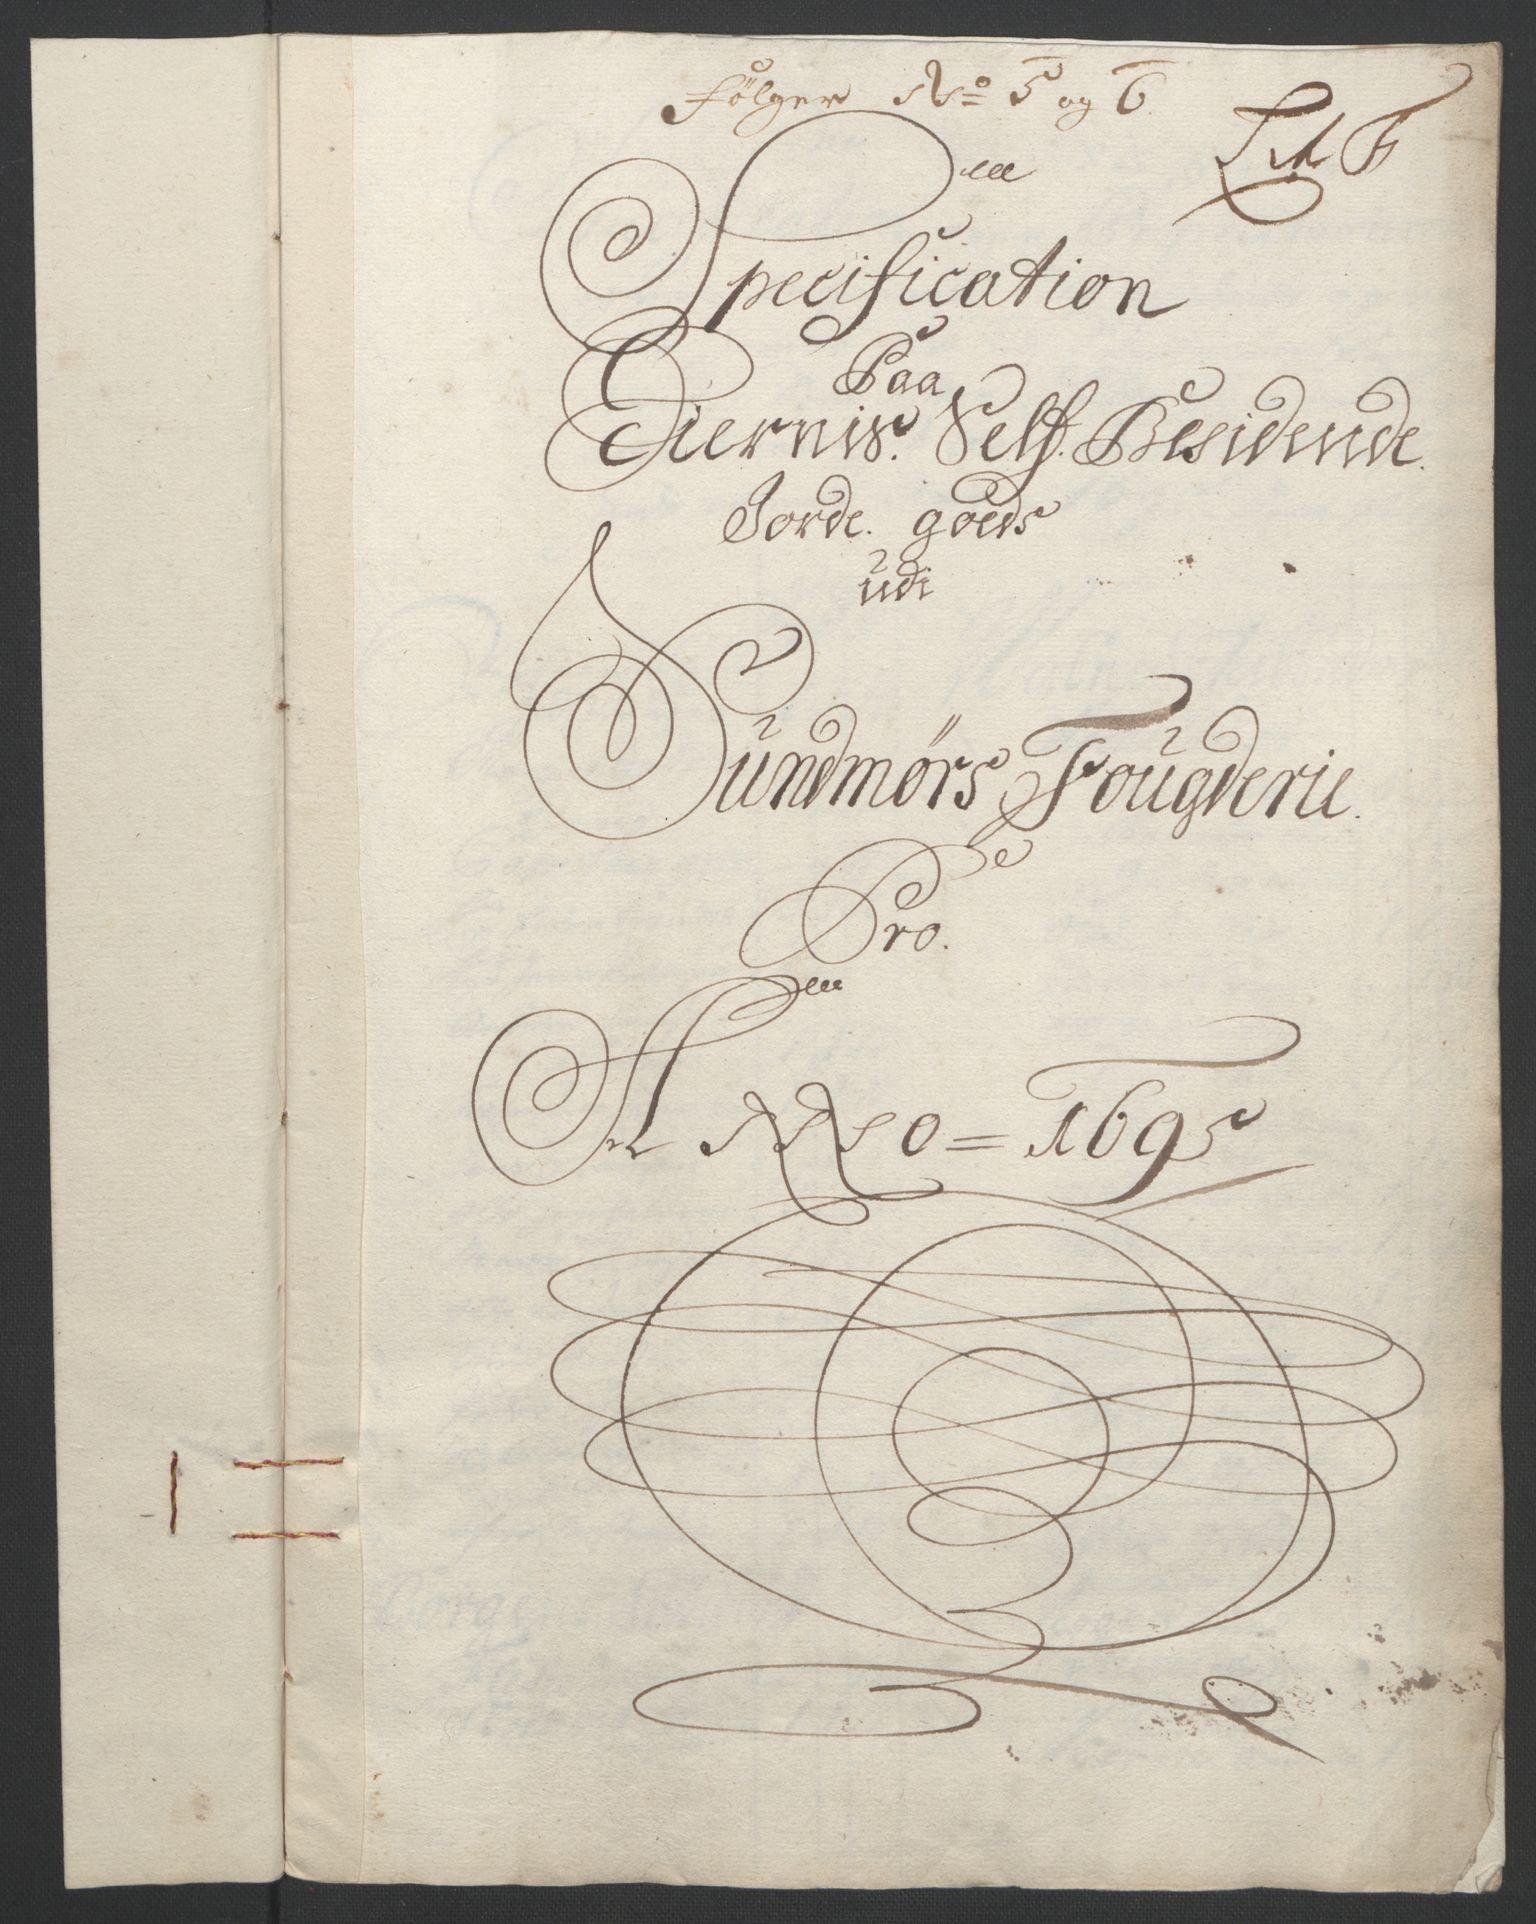 RA, Rentekammeret inntil 1814, Reviderte regnskaper, Fogderegnskap, R54/L3555: Fogderegnskap Sunnmøre, 1694-1695, s. 288